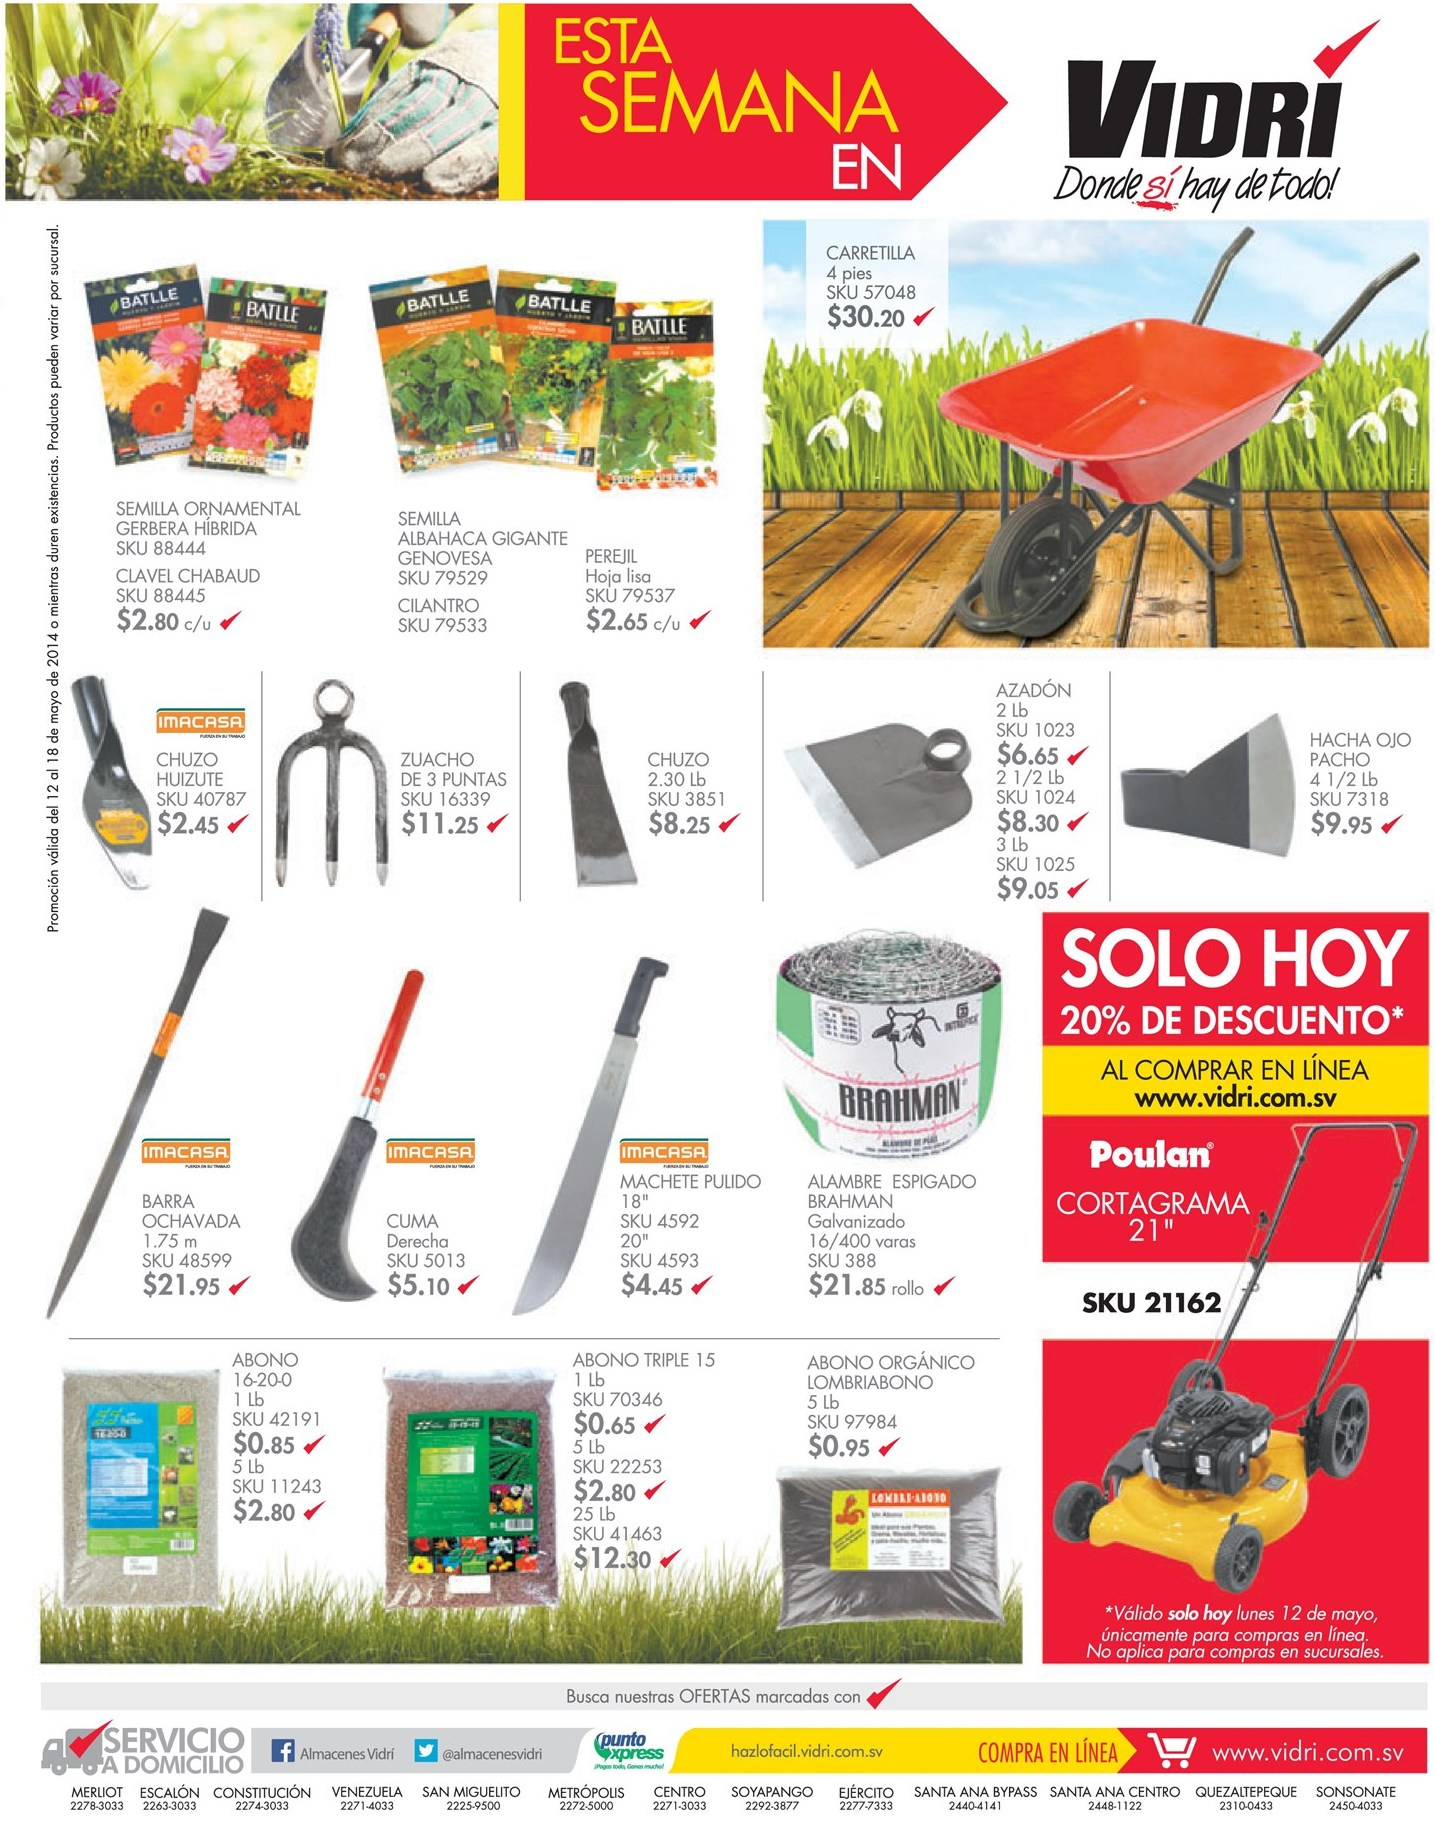 Accesorios y herramientas para jardin almacenes vidri el for Productos accesorios para jardin